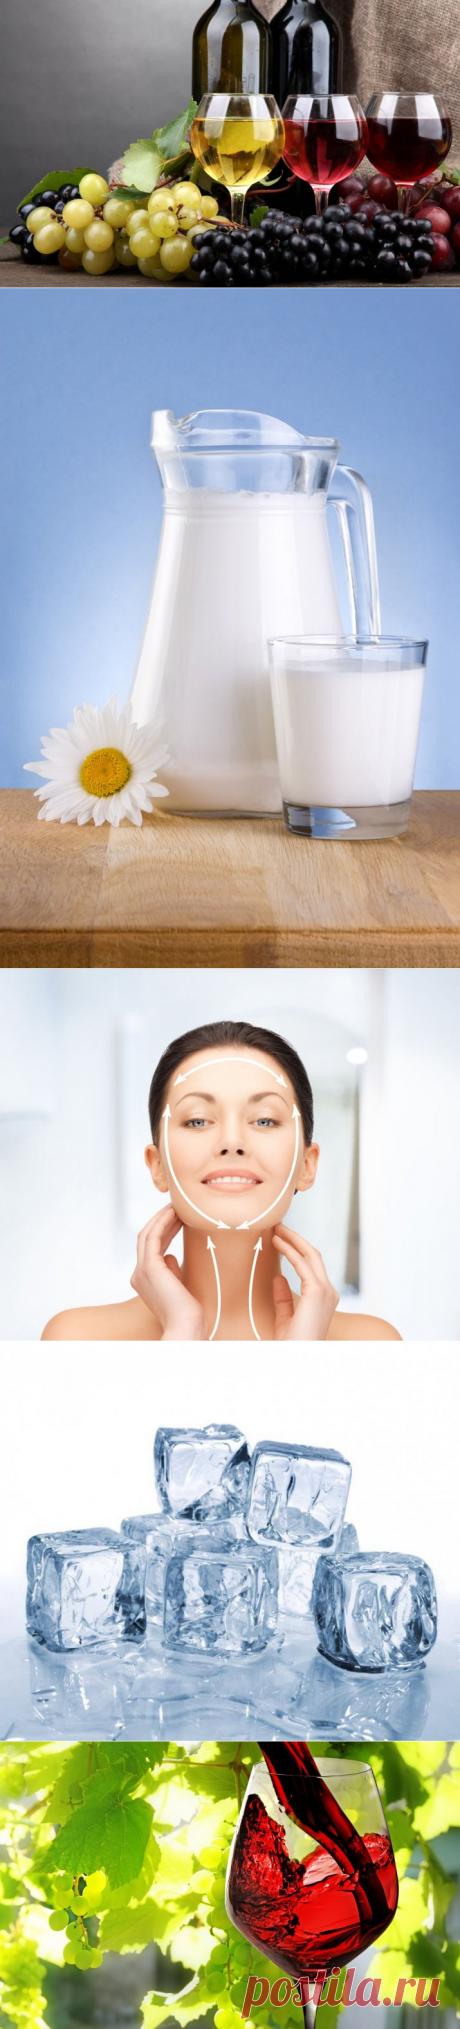 Опытный косметолог посоветовал женщине умываться особым образом. Уже через неделю морщины растворились! | TutVse.Info